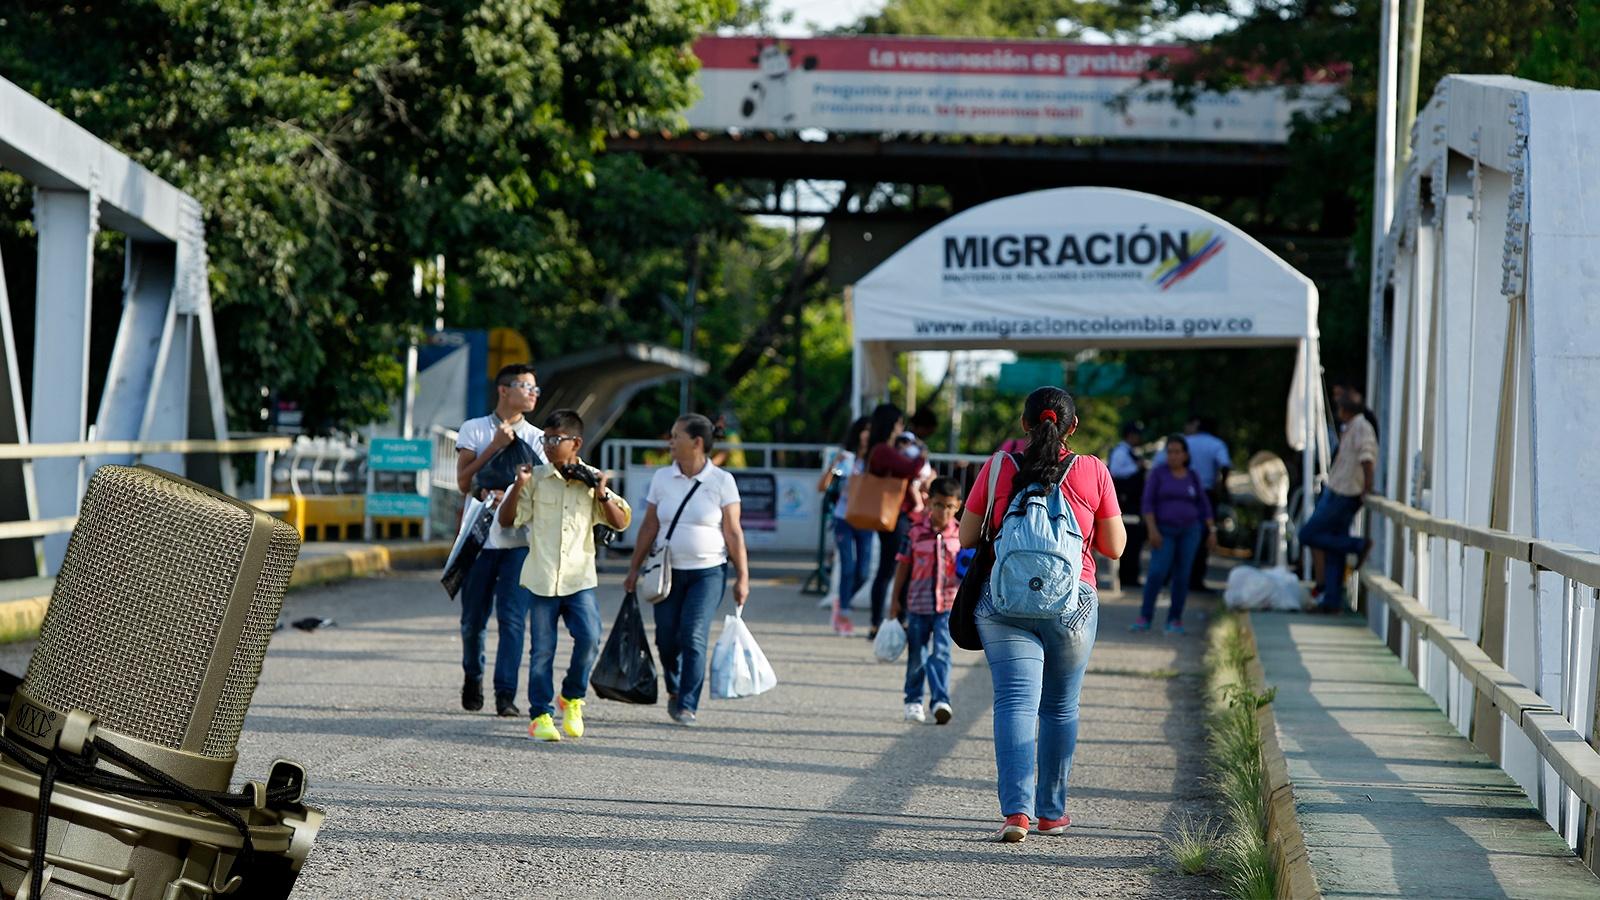 RADIO   Migración e inseguridad, algunas claves para derribar los mitos en Arauca